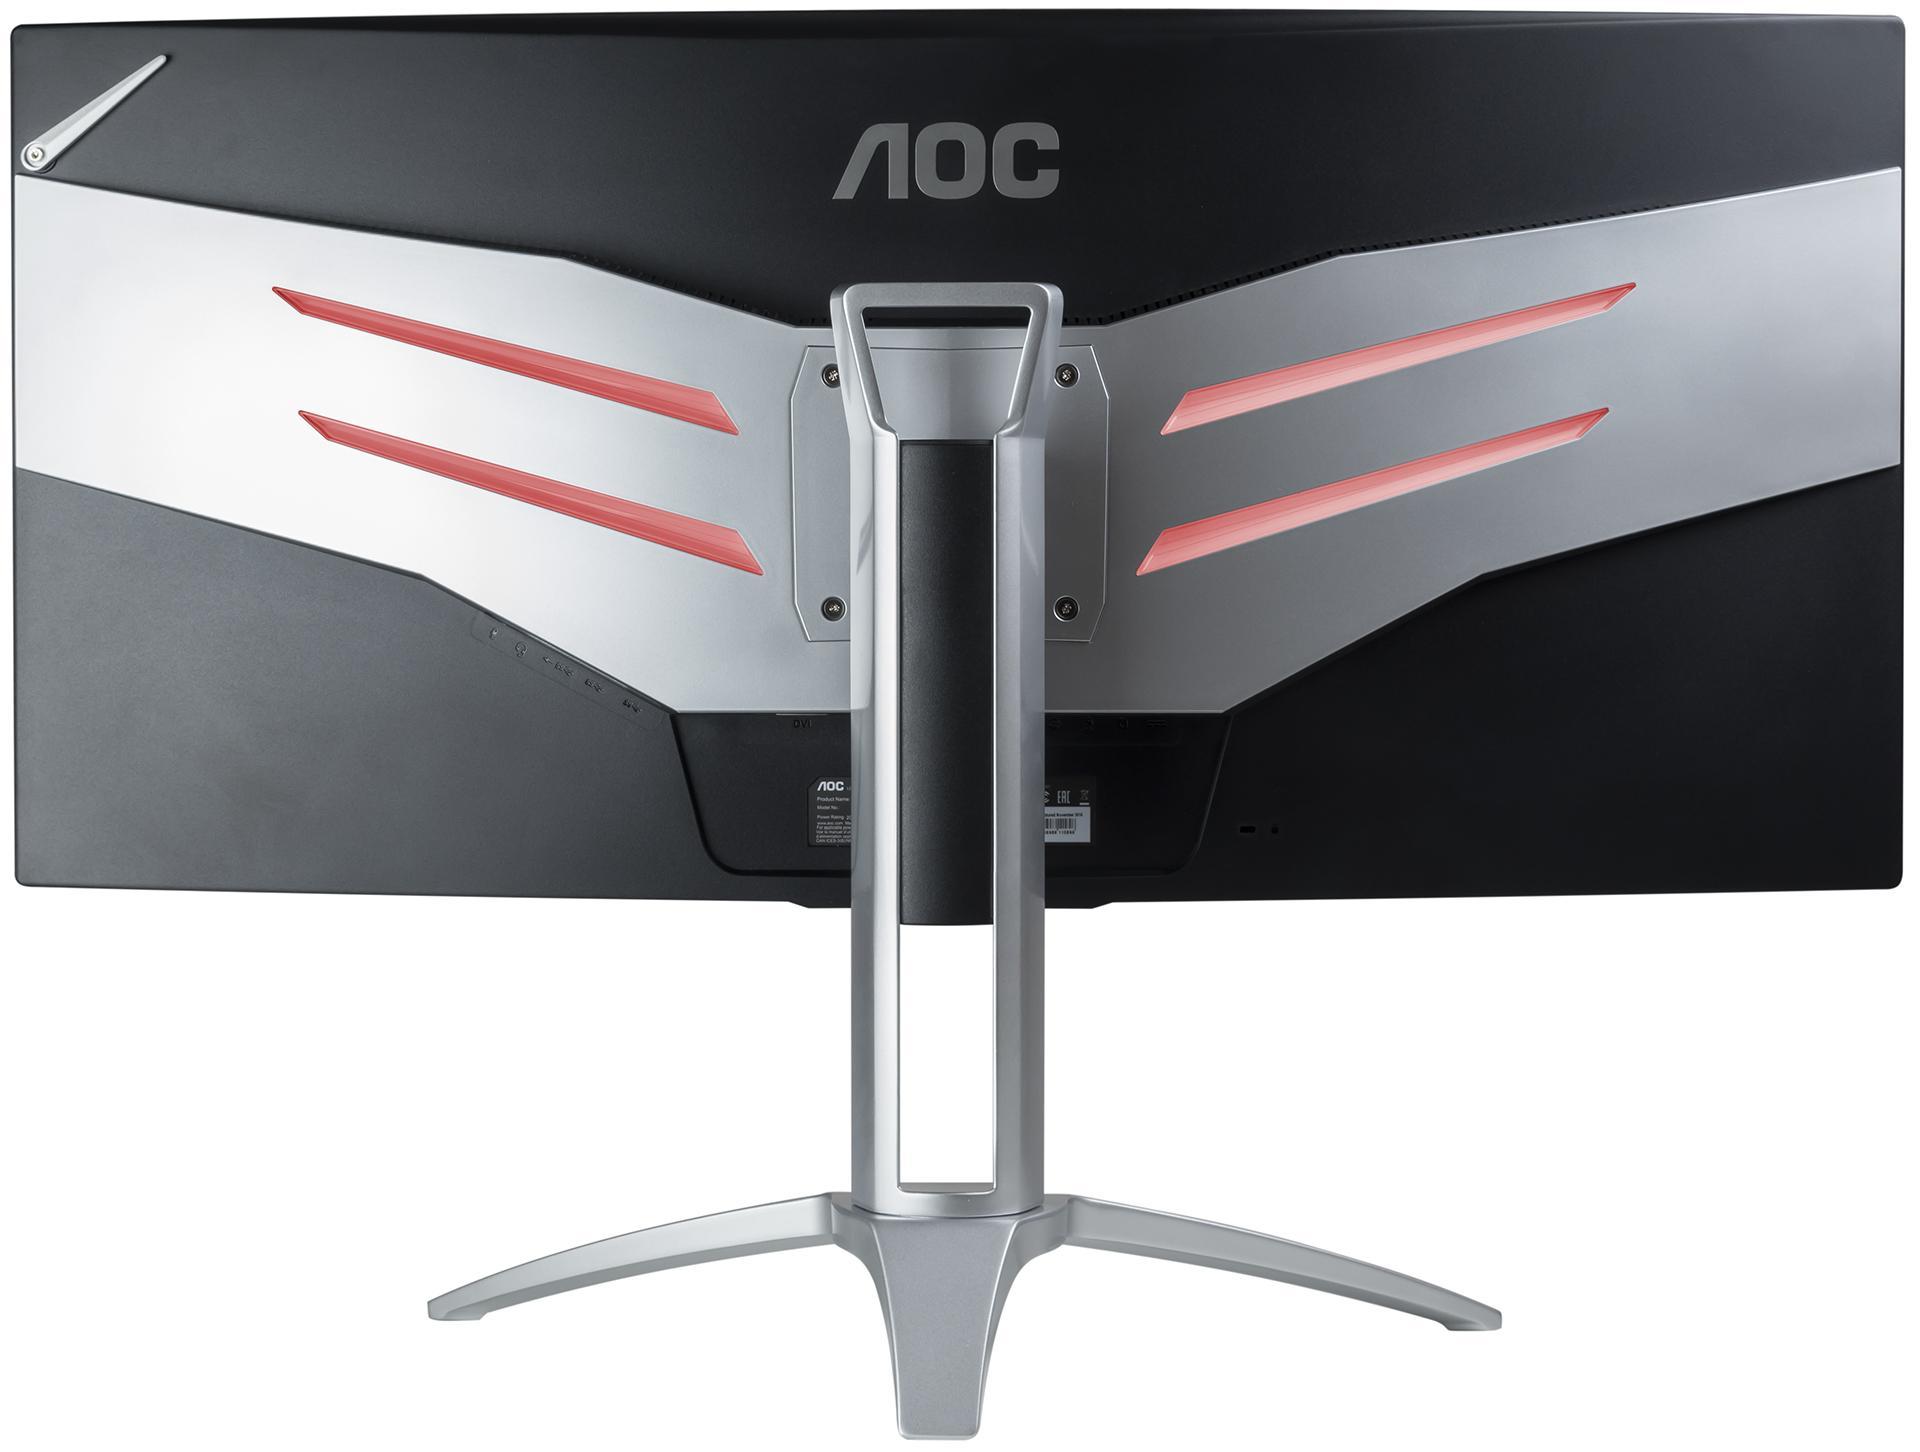 Все, что нужно геймерам: обзор монитора AOC AGON AG352QCX диагональю 35 дюймов